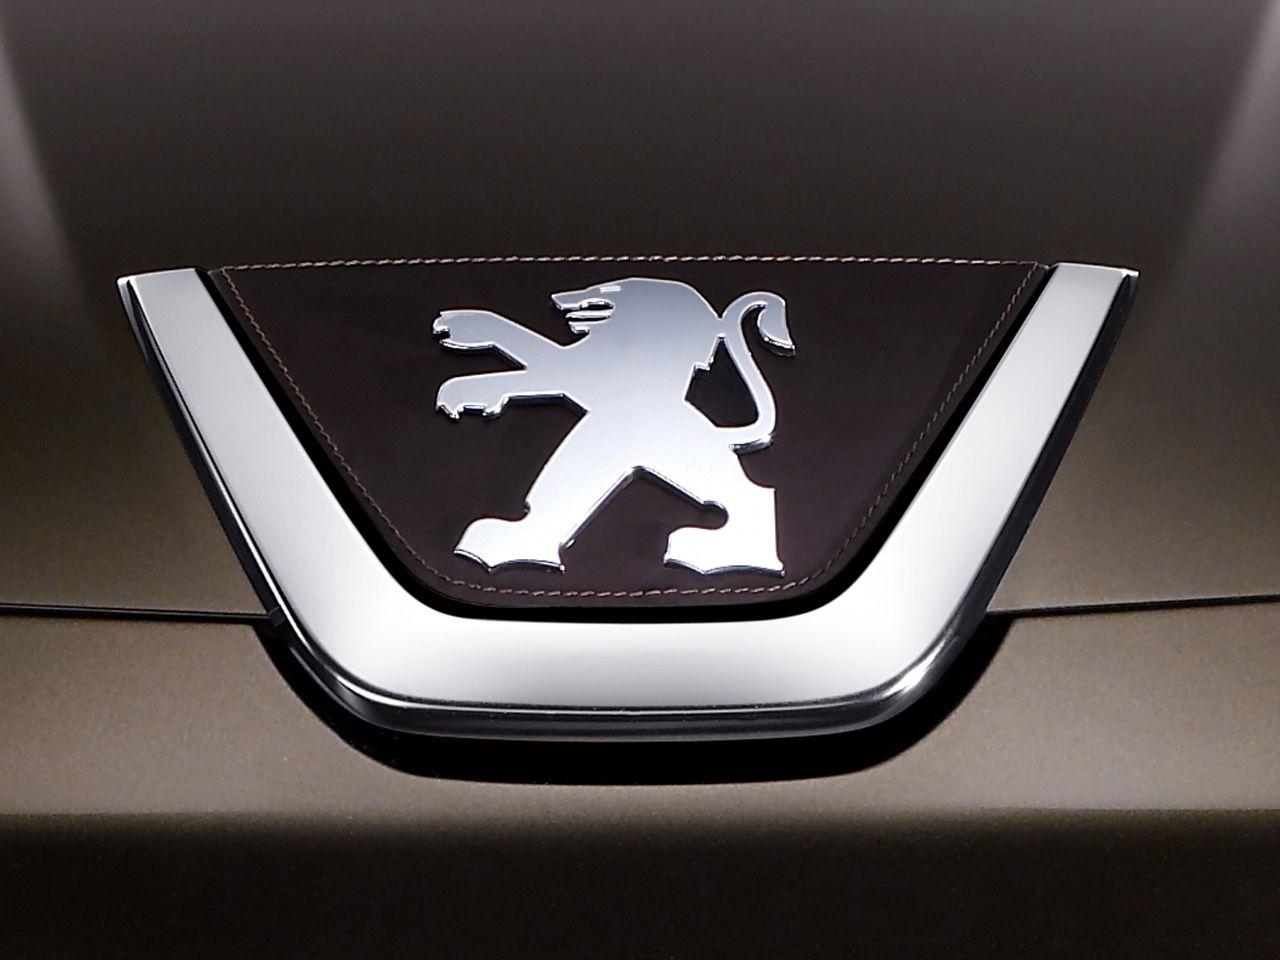 Fabuleux Les 25 meilleures idées de la catégorie Peugeot logo sur Pinterest  QA62